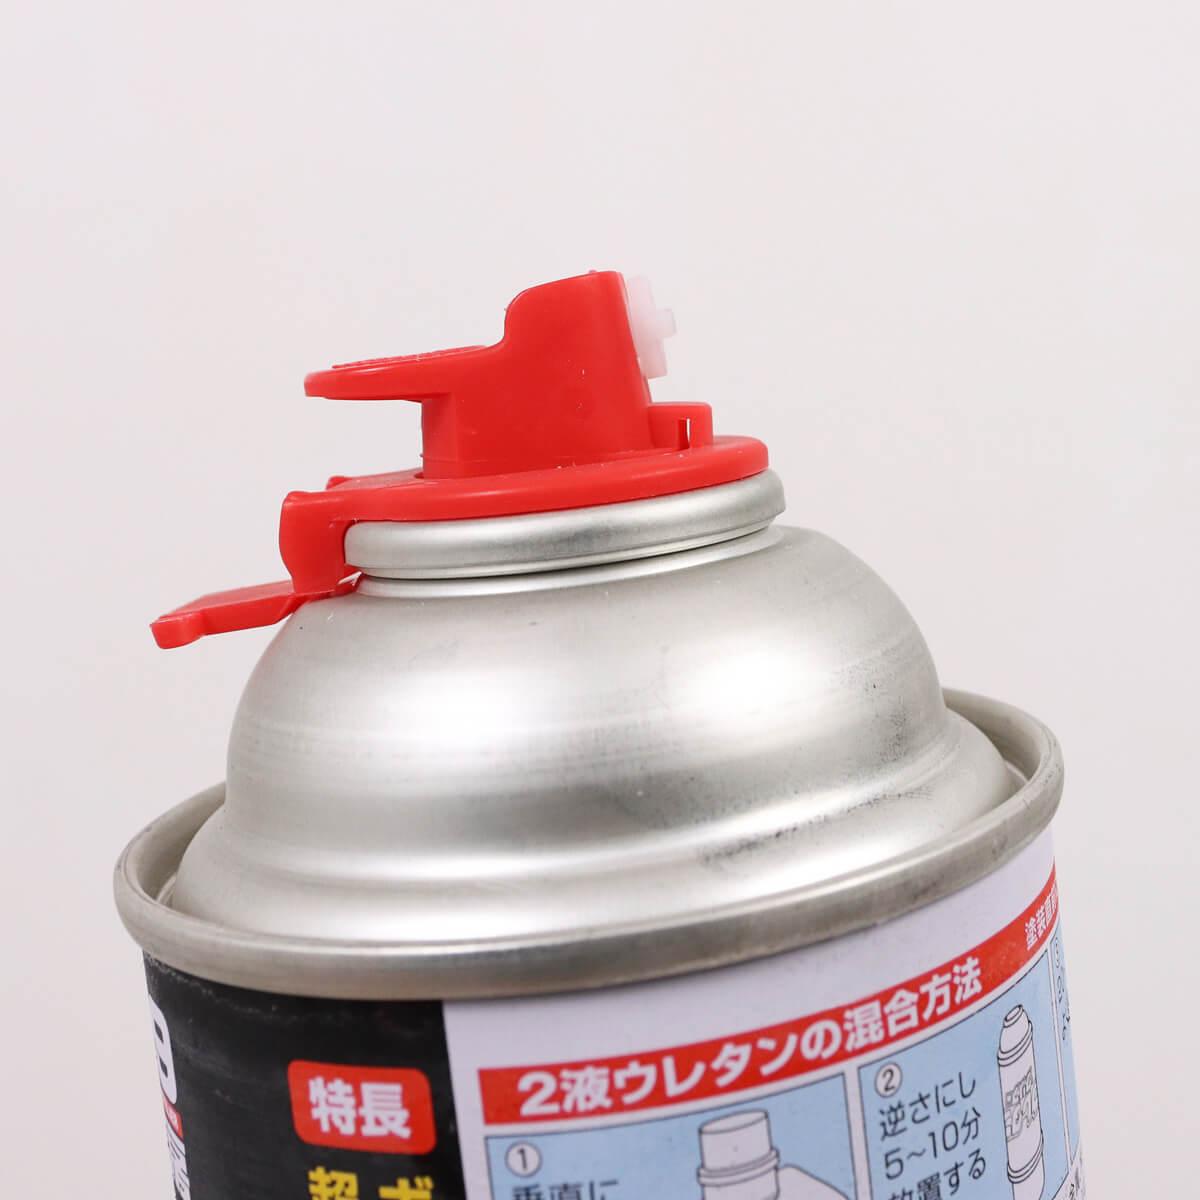 ソフト99のウレタンクリアーはとても塗りやすい